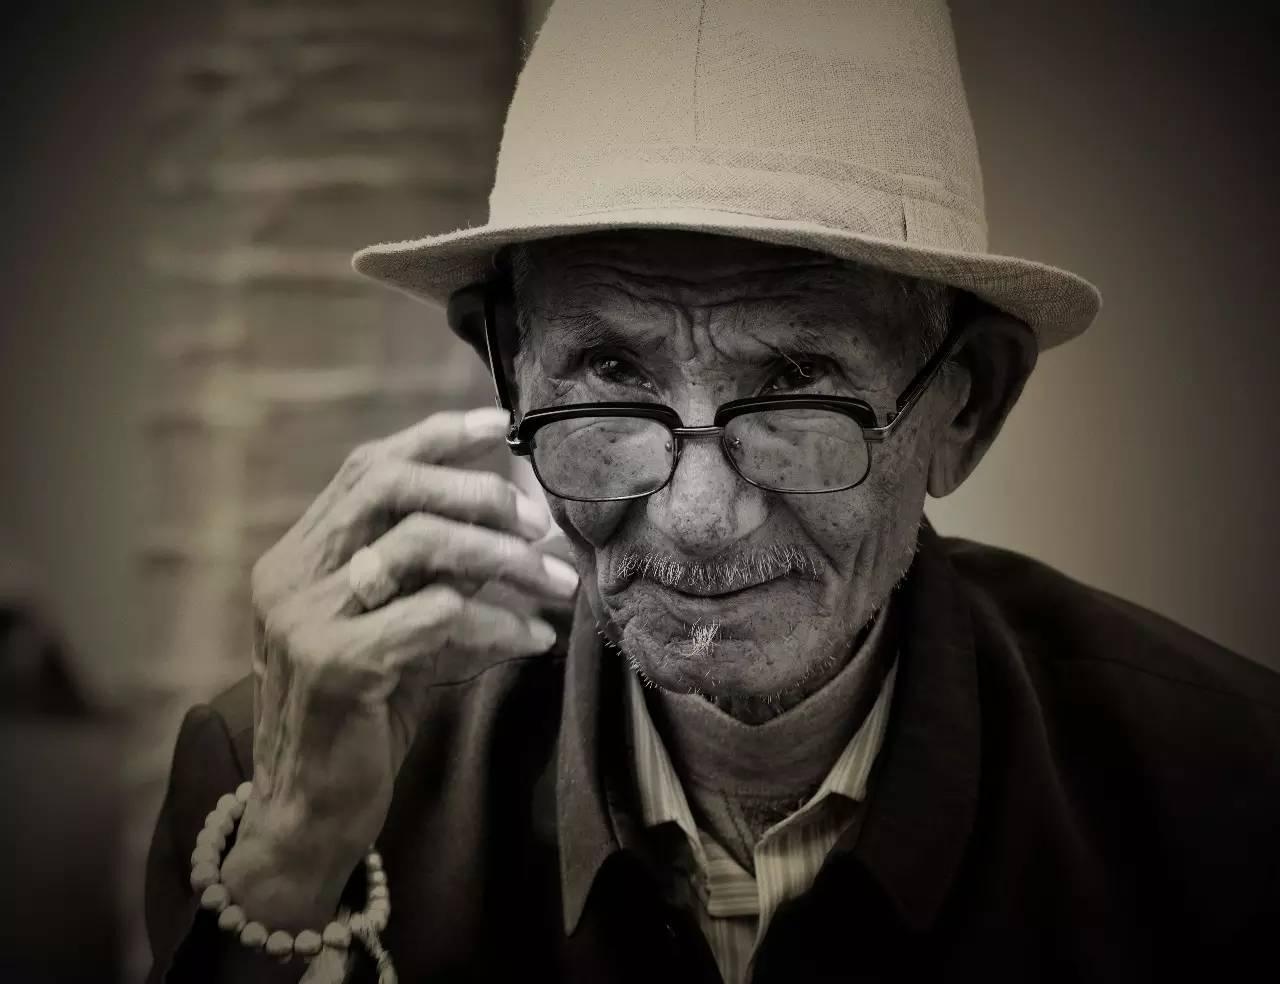 【ANU美图】摄影师吉雅:传统蒙古族牧民黑白纪实作品欣赏 第12张